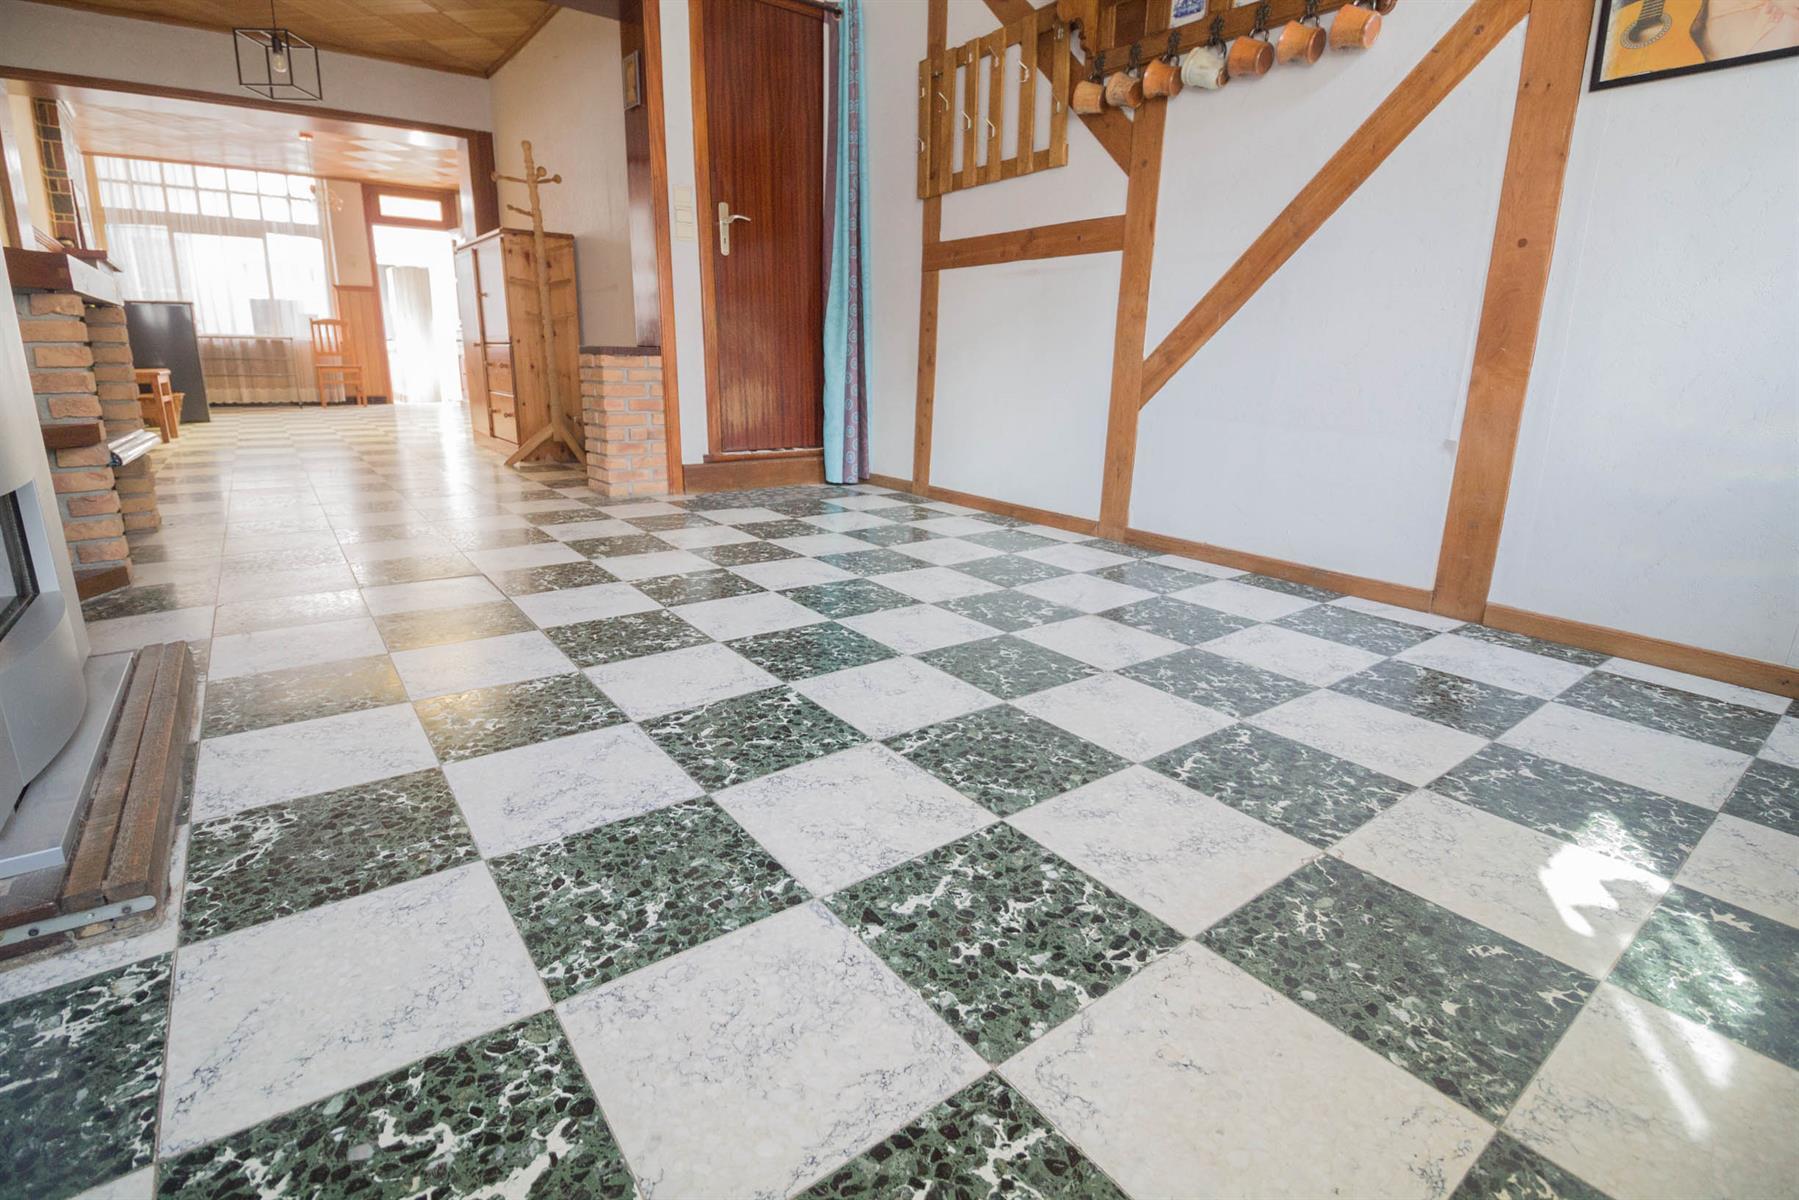 Maison - Trazegnies - #4337685-7